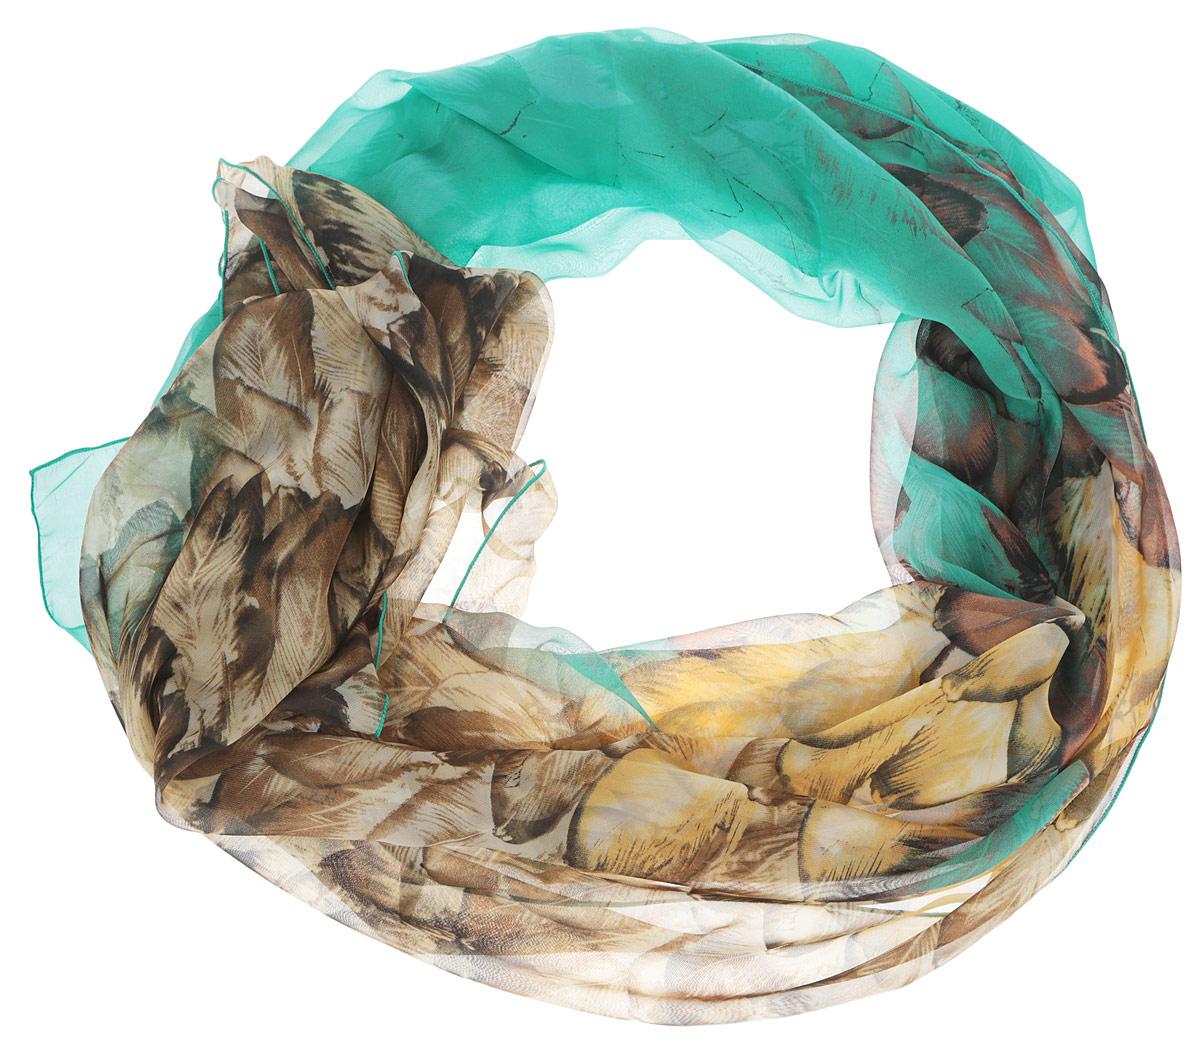 ШарфRL0055-2Женский шарф Fabretti, выполненный из полиэстера с добавлением шелка, станет ярким дополнением к вашему гардеробу. Изделие легкое и воздушное, имеет приятную текстуру. Модель оформлена принтом с изображением перьев. Этот модный аксессуар гармонично дополнит образ современной женщины, следящей за своим имиджем и стремящейся всегда оставаться стильной и элегантной.